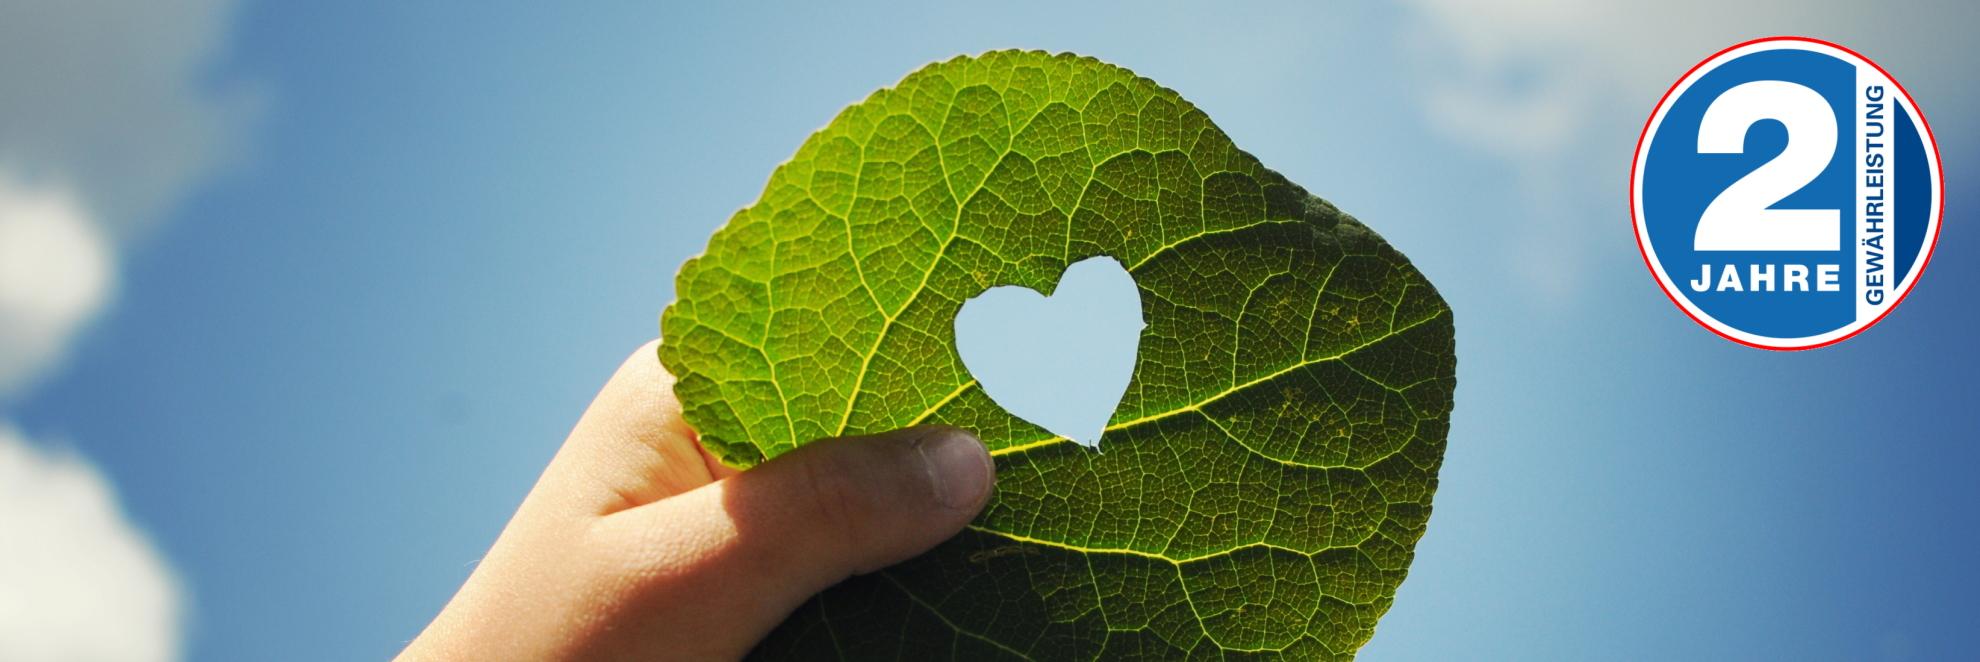 Gut für Umwelt, Klima & Geldbeutel: Refurbished kaufen!